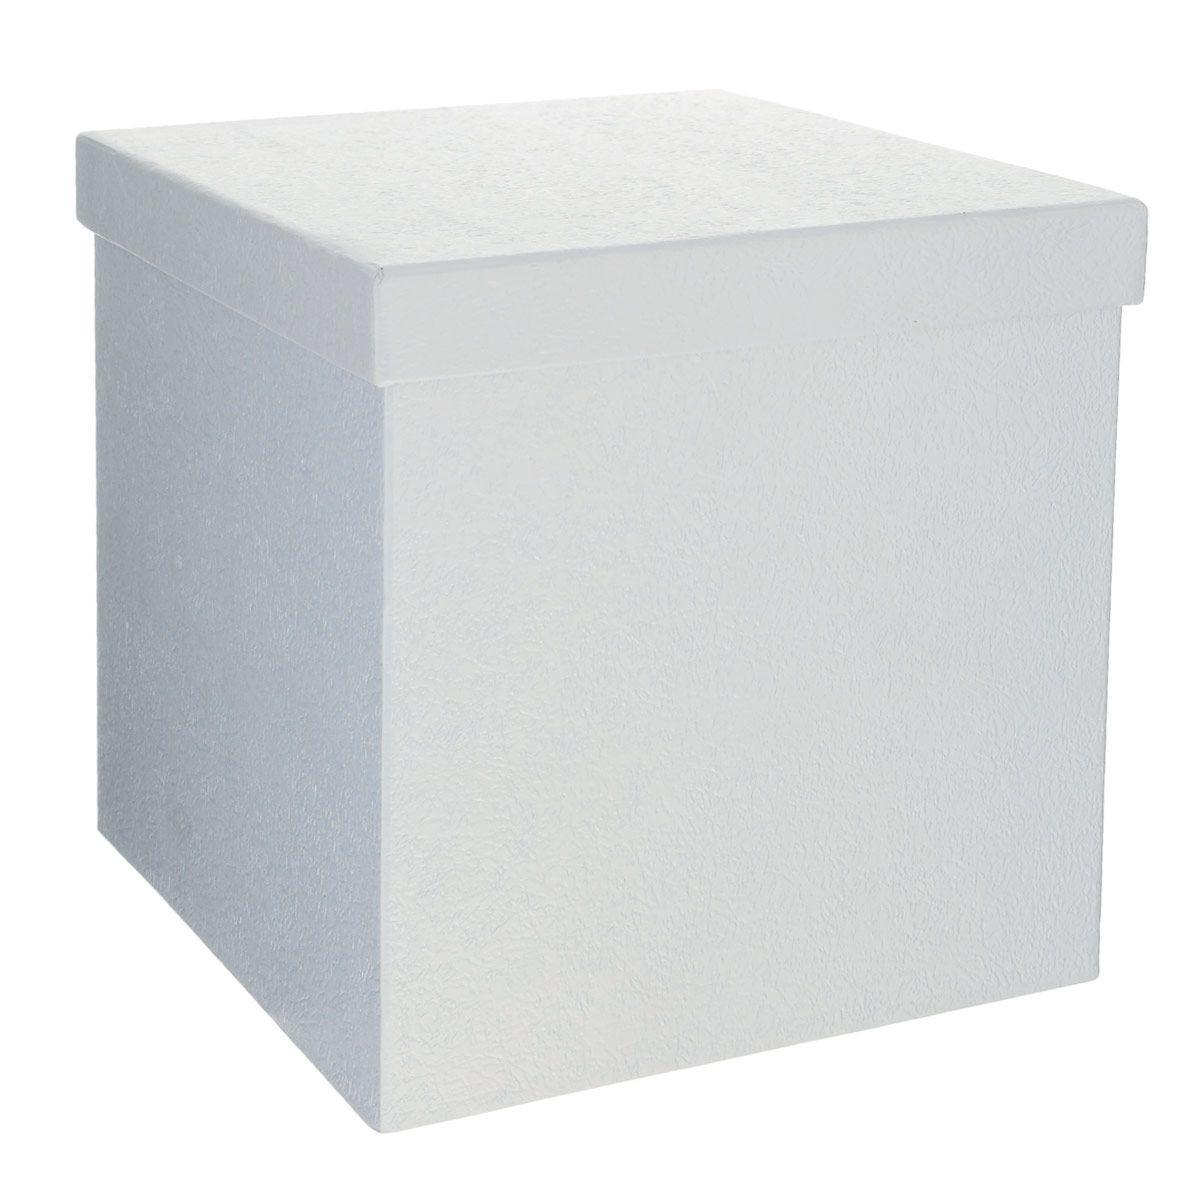 пол белый ящик картинка случайная, нелепая смерть